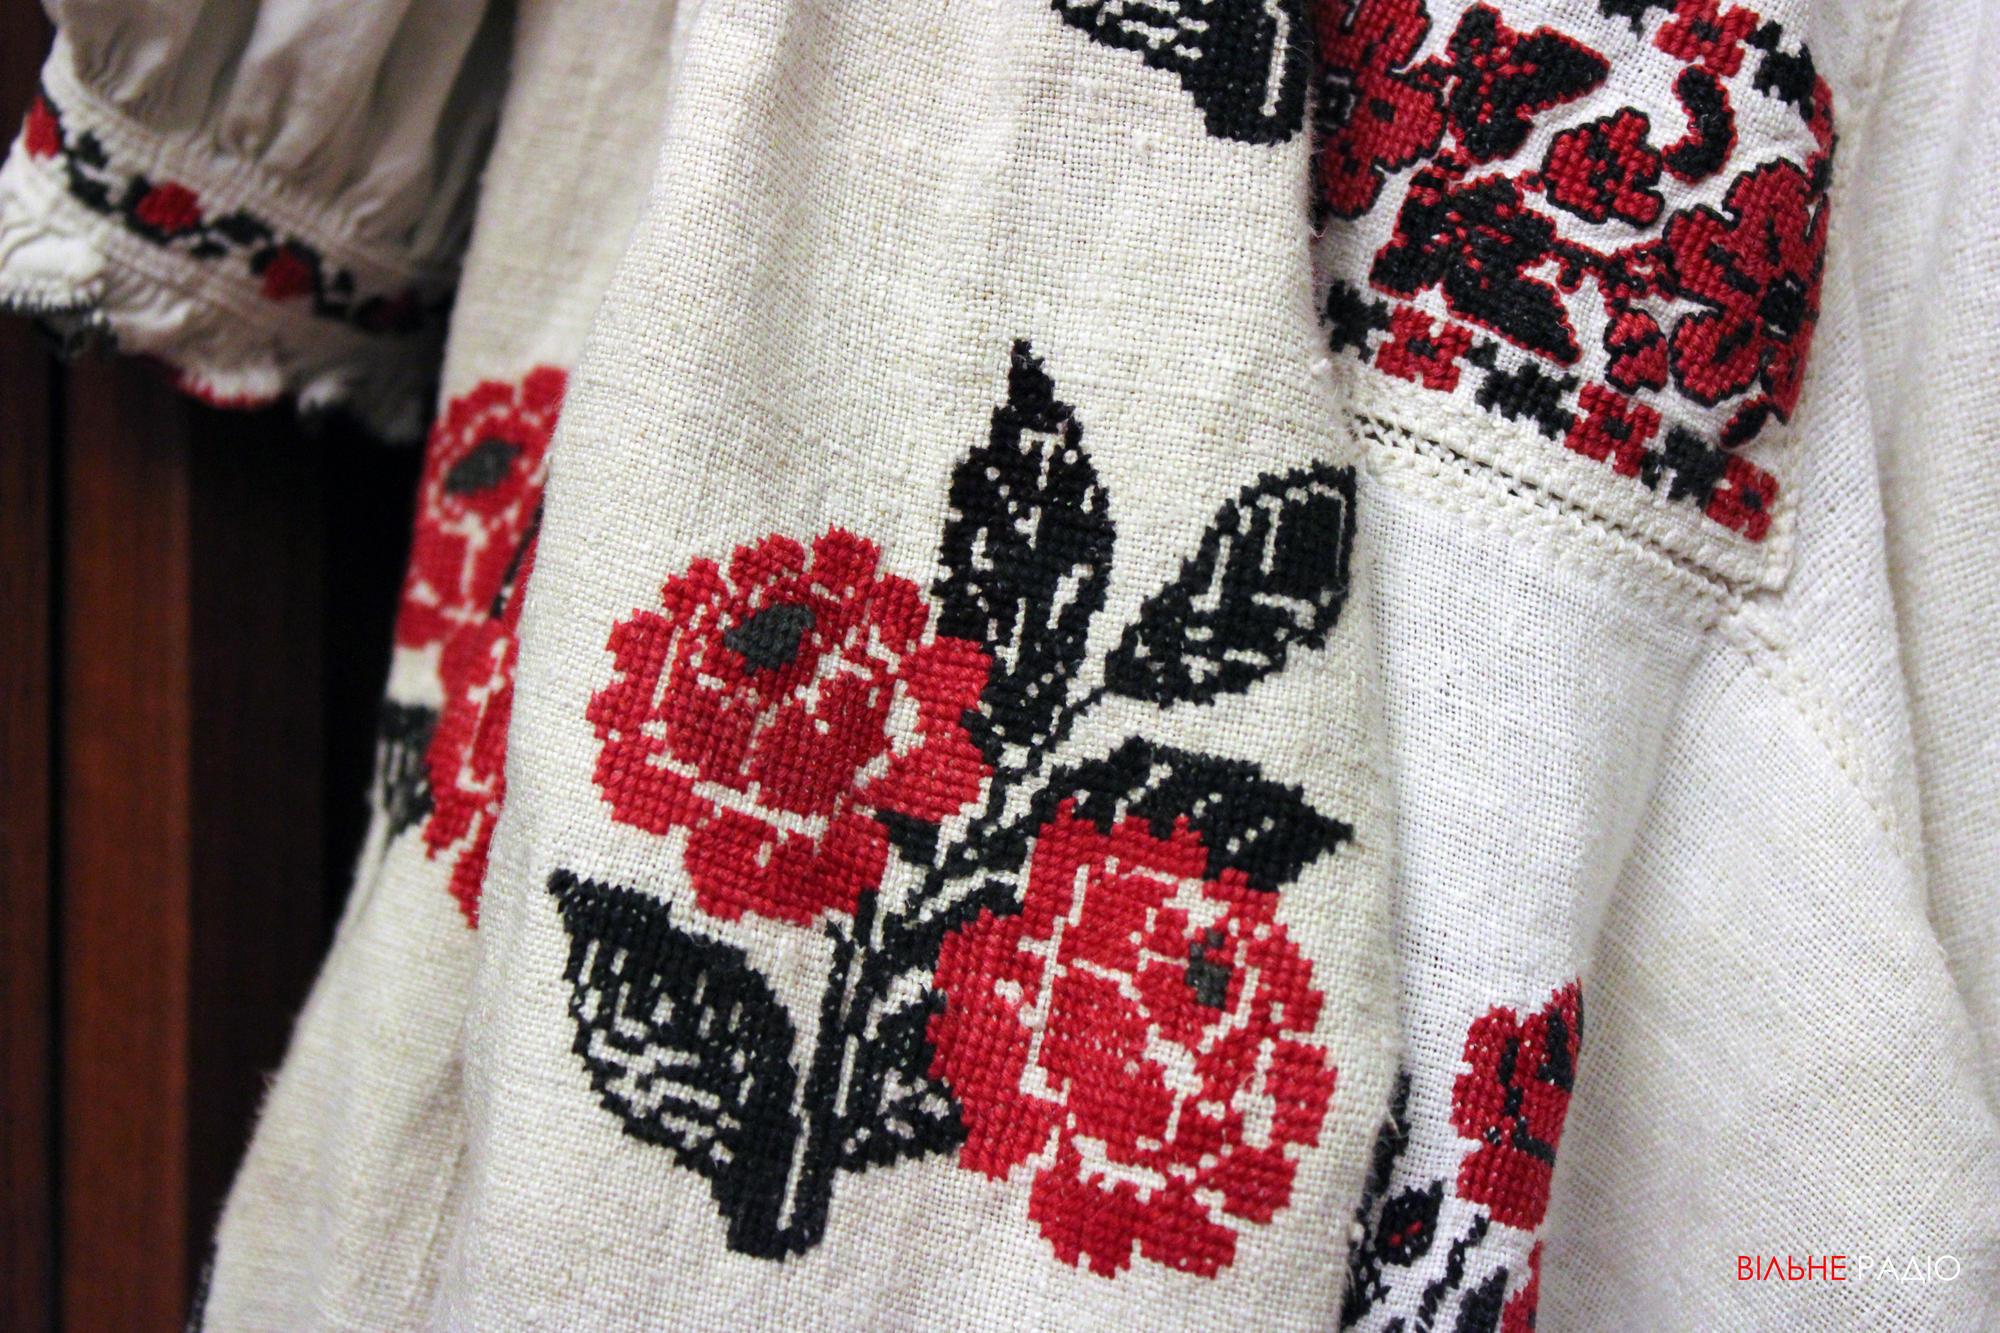 Вышивка крестиком на сорочке жительницы Донетчины